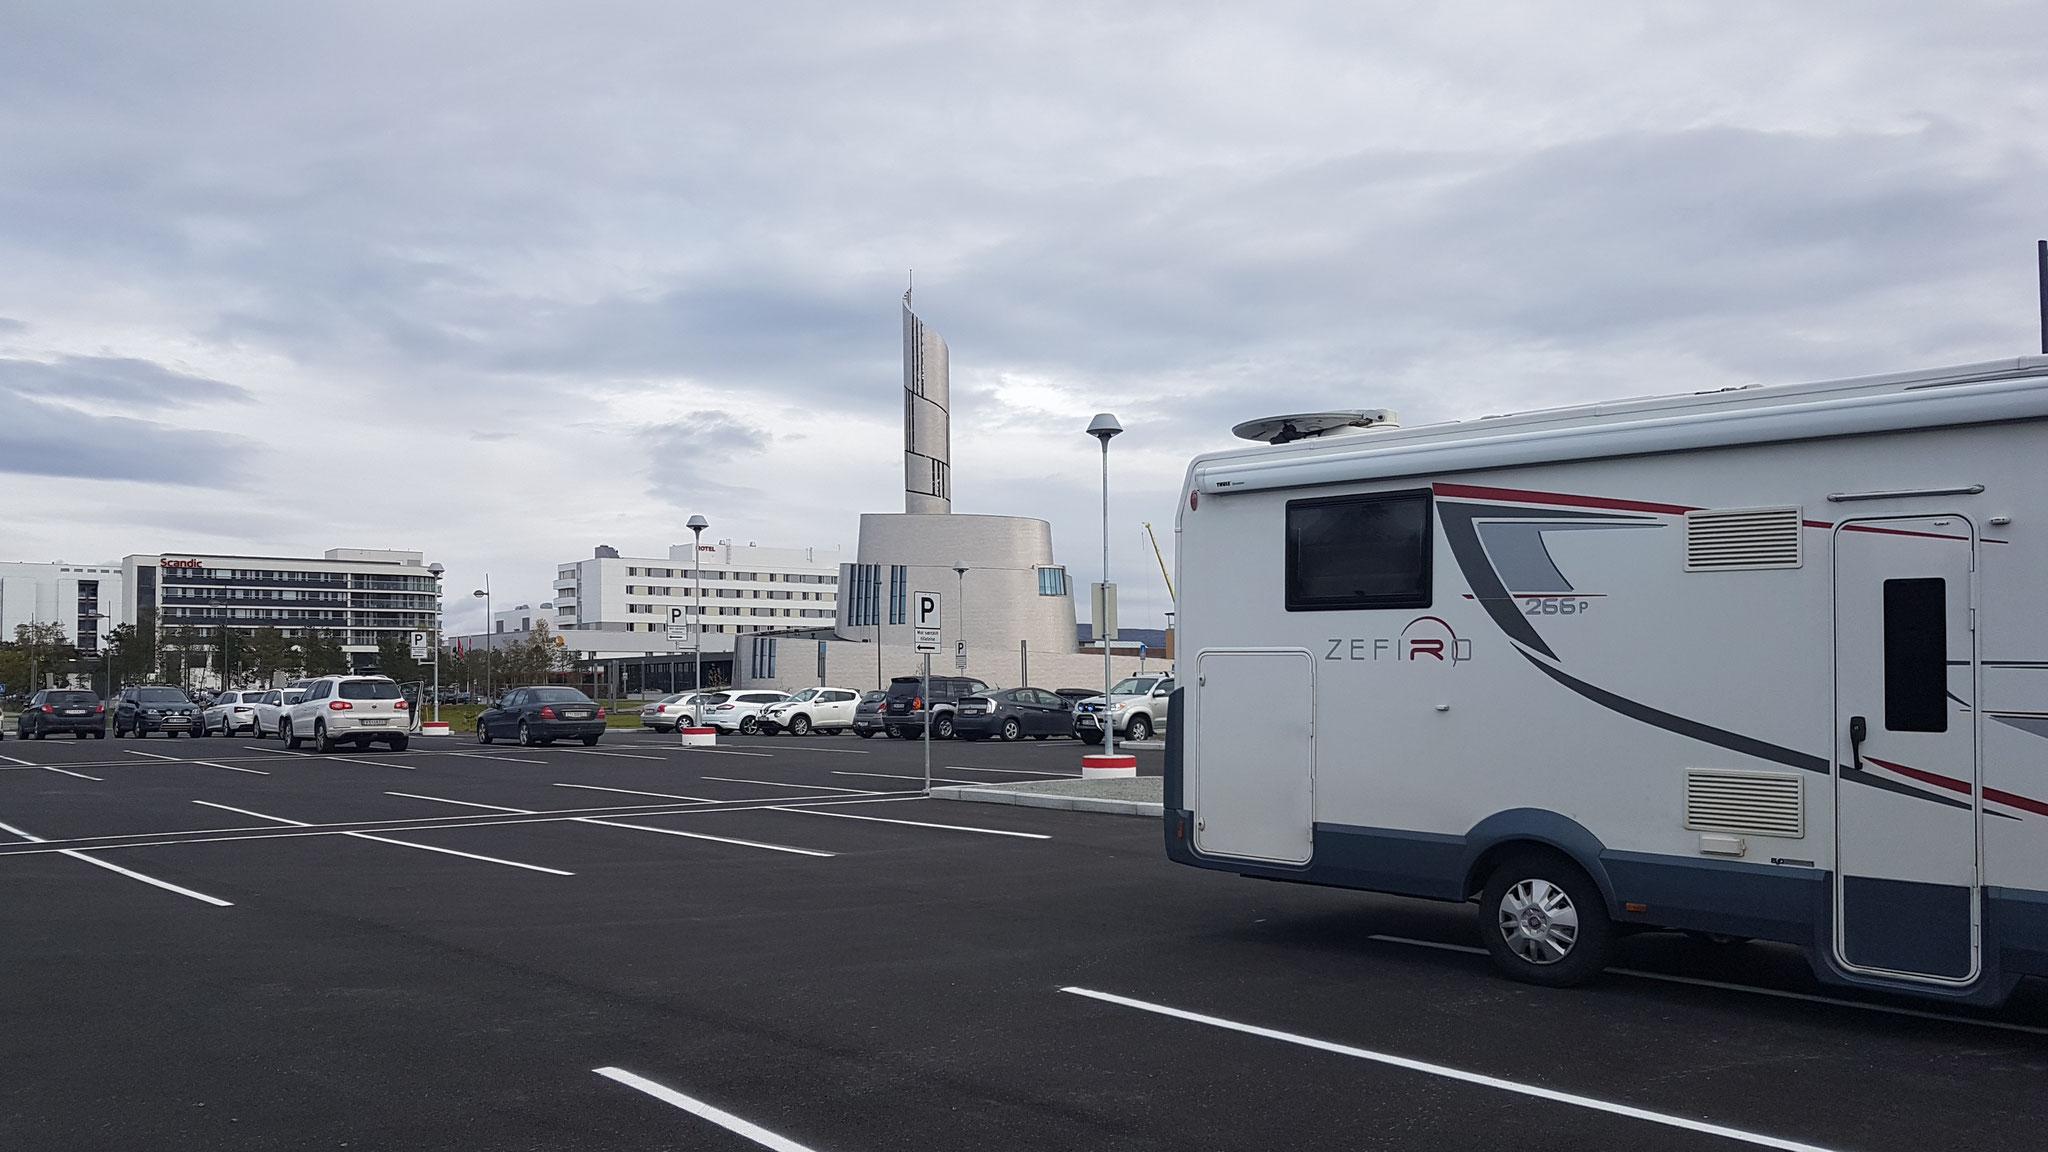 Parkplatz in Alta